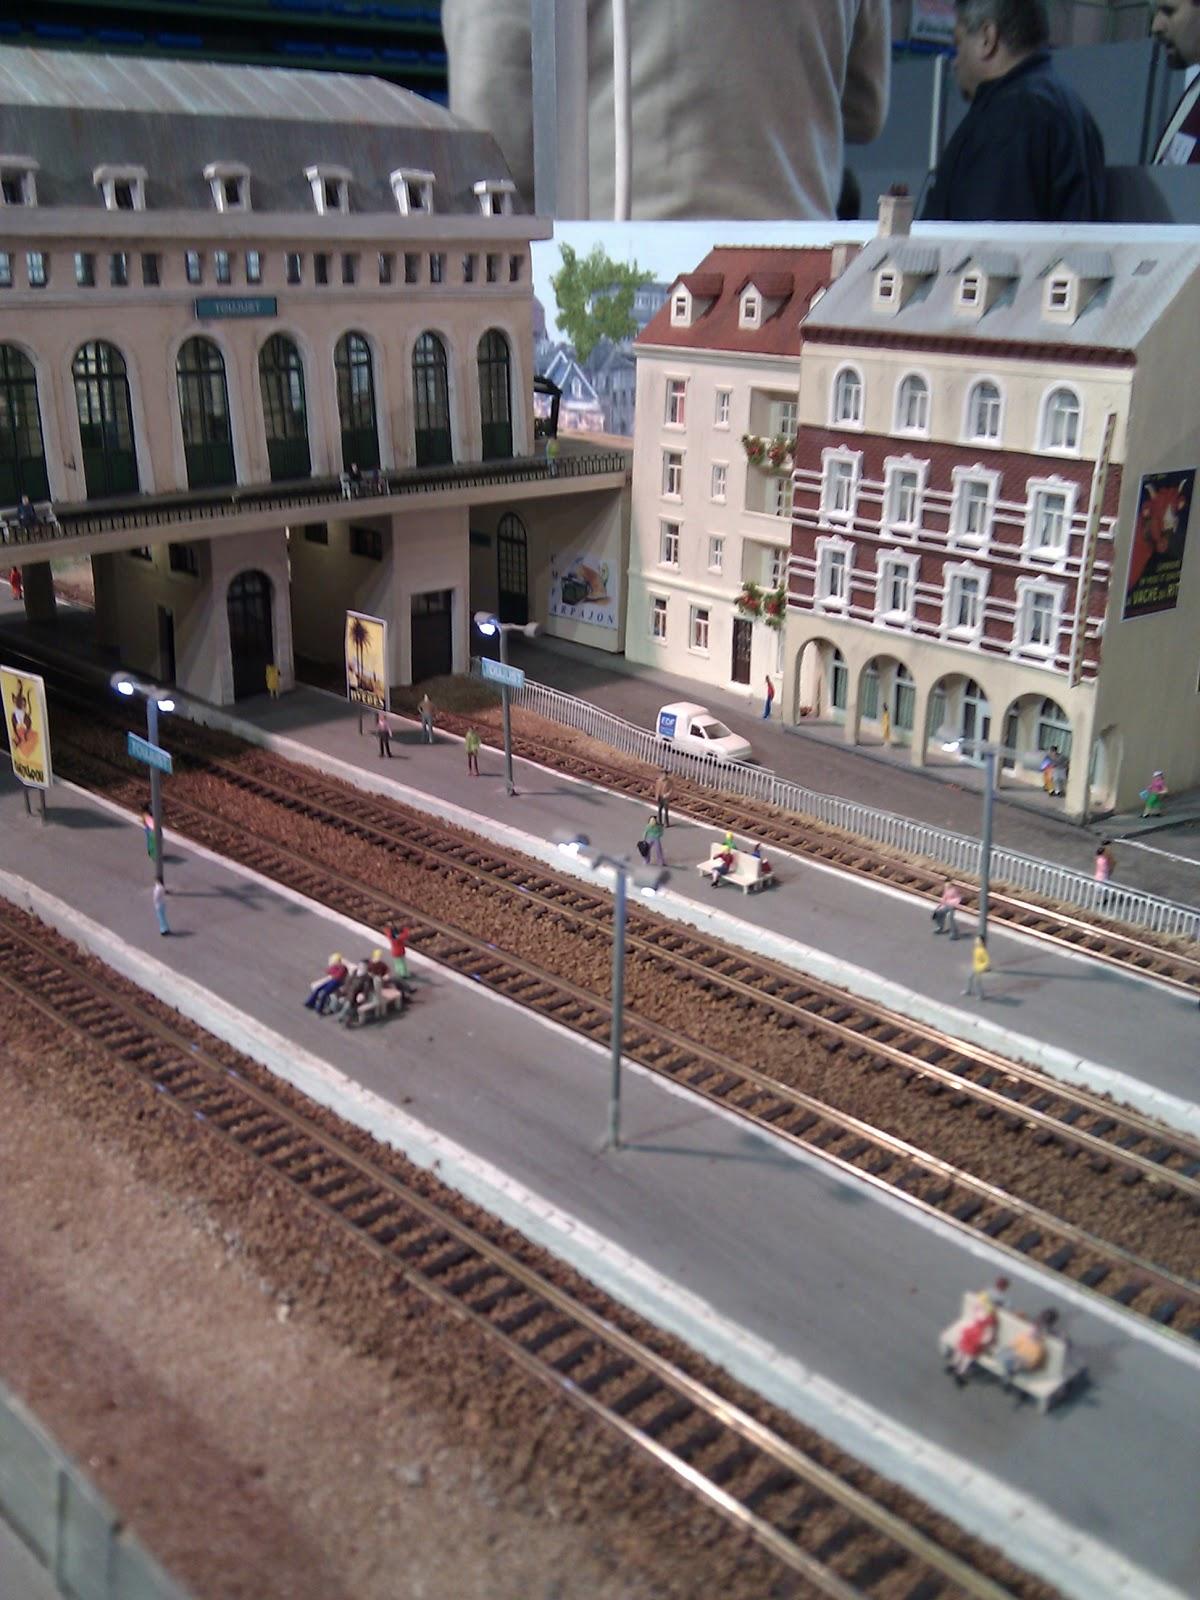 Echelle Bibliotheque Sur Rail rail expo 2010 : club modélisme ferroviaire arpajonnais, un